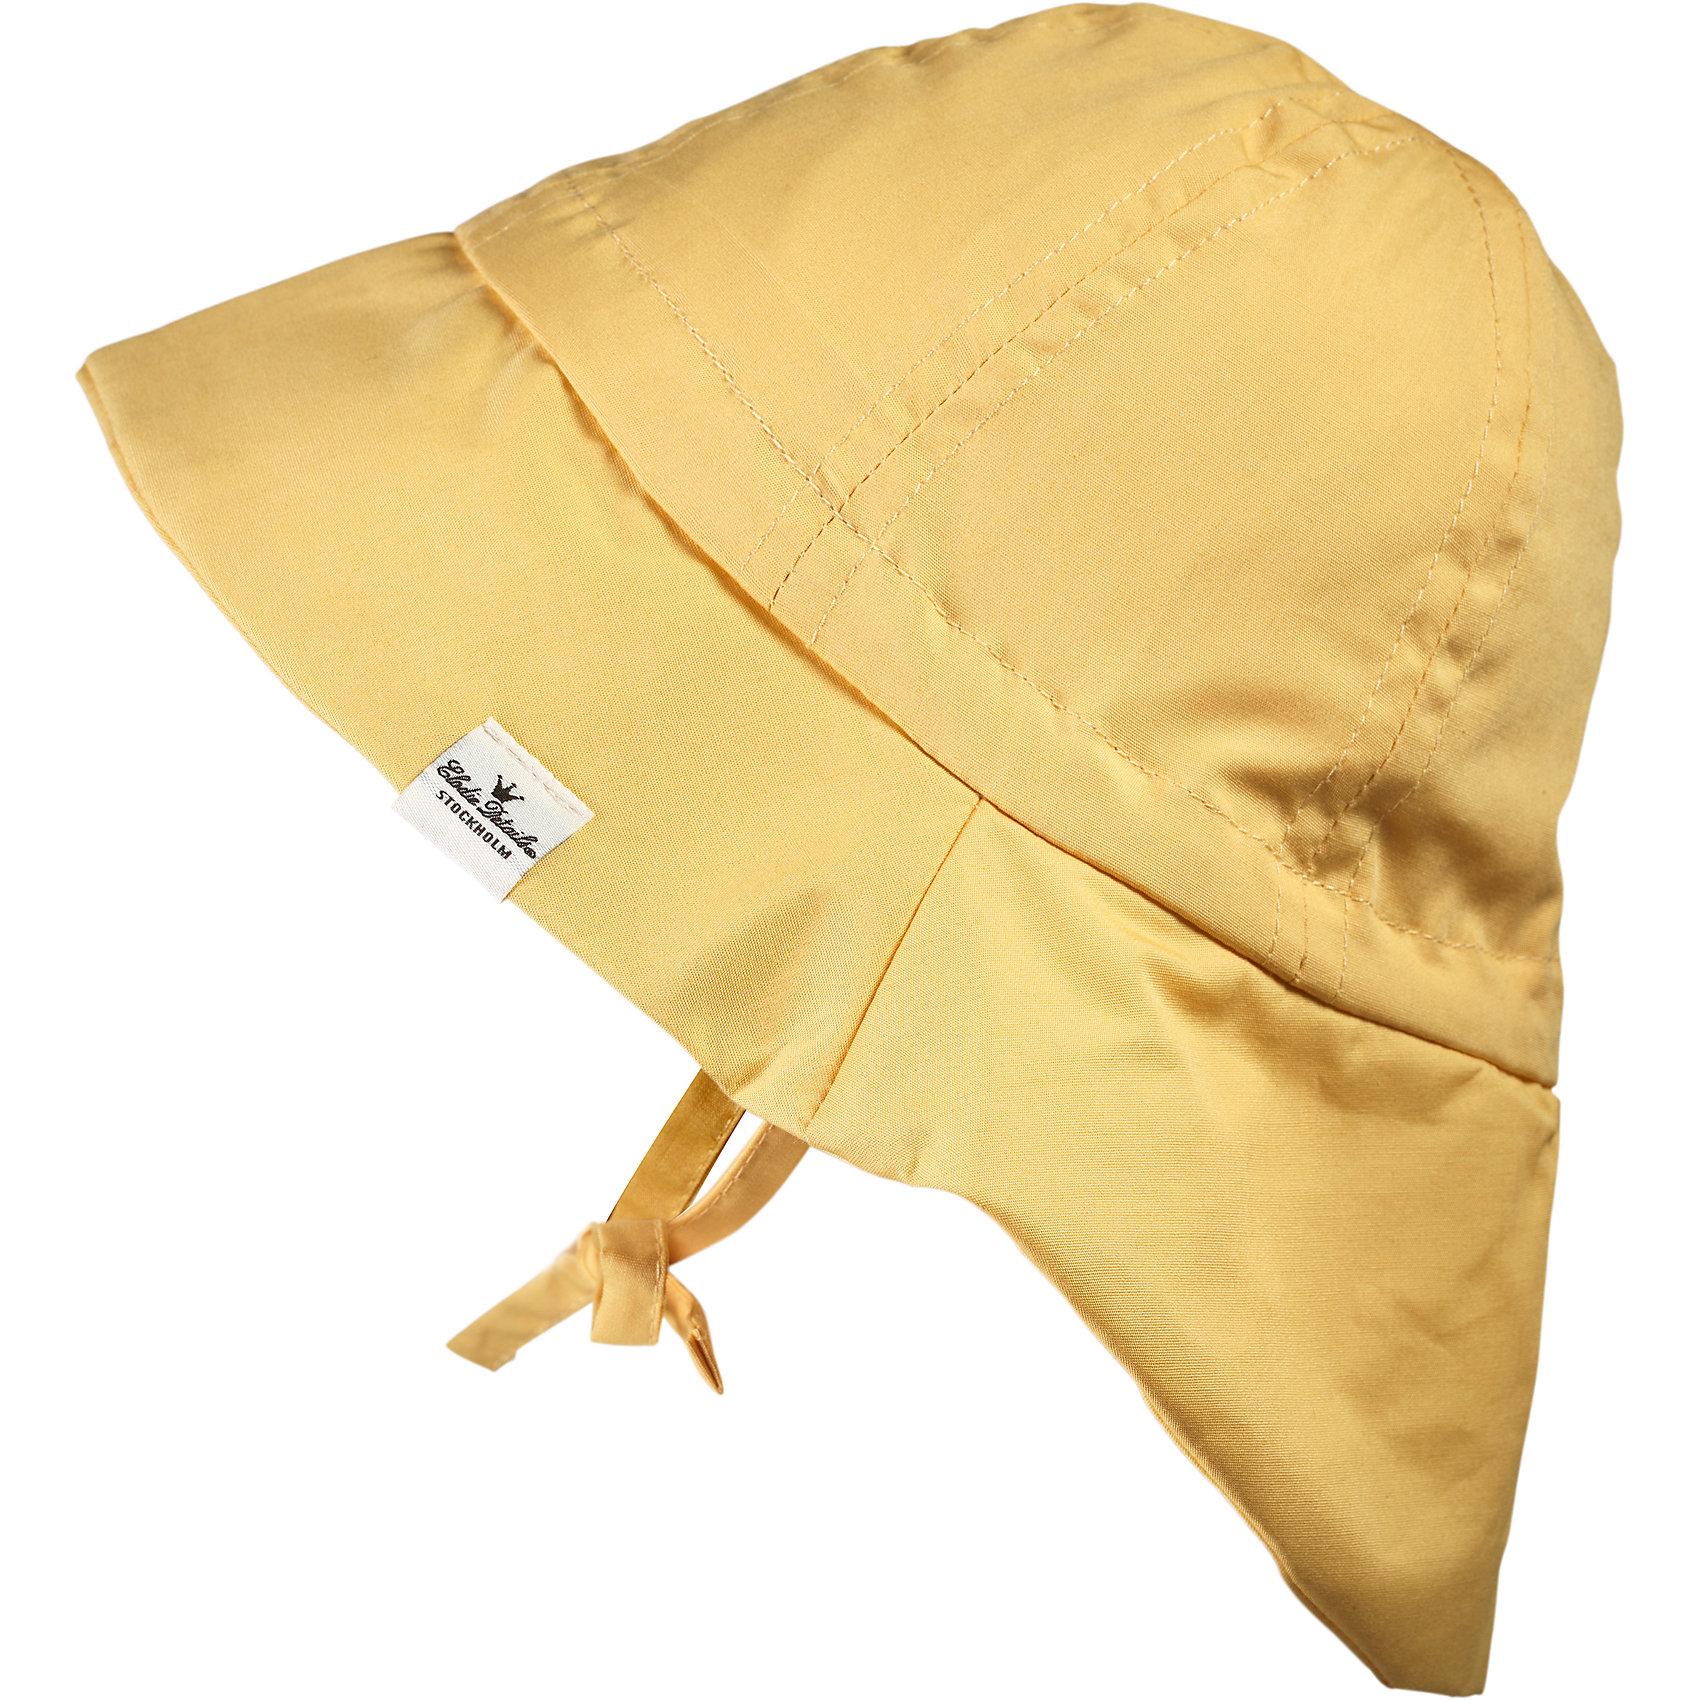 Панама Sweet Honey, 6-12 мес., Elodie DetailsШапочки<br>Панама Sweet Honey, 6-12 мес., Elodie Details (Элоди Дитейлс)<br><br>Характеристики:<br><br>• удобные завязки<br>• надежная защита головы<br>• приятна коже<br>• подходит для детей от 6 до 12 месяцев<br>• размер: 45 см<br>• материал: хлопок<br>• размер упаковки: 17,5х5х19 см<br><br>Панама Sweet Honey предназначена для малышей с 6 до 12 месяцев. Она надёжно защитит голову ребёнка и предотвратит перегрев головы в жаркий летний день. Панамка изготовлена из натурального хлопка, окрашенного в нежный жёлтый цвет. Фиксируется при помощи надёжных завязок. В такой стильной панаме гулять ещё приятнее!<br><br>Панаму Sweet Honey, 6-12 мес., Elodie Details (Элоди Дитейлс) вы можете купить в нашем интернет-магазине.<br><br>Ширина мм: 190<br>Глубина мм: 50<br>Высота мм: 175<br>Вес г: 380<br>Возраст от месяцев: 6<br>Возраст до месяцев: 12<br>Пол: Унисекс<br>Возраст: Детский<br>SKU: 5613559